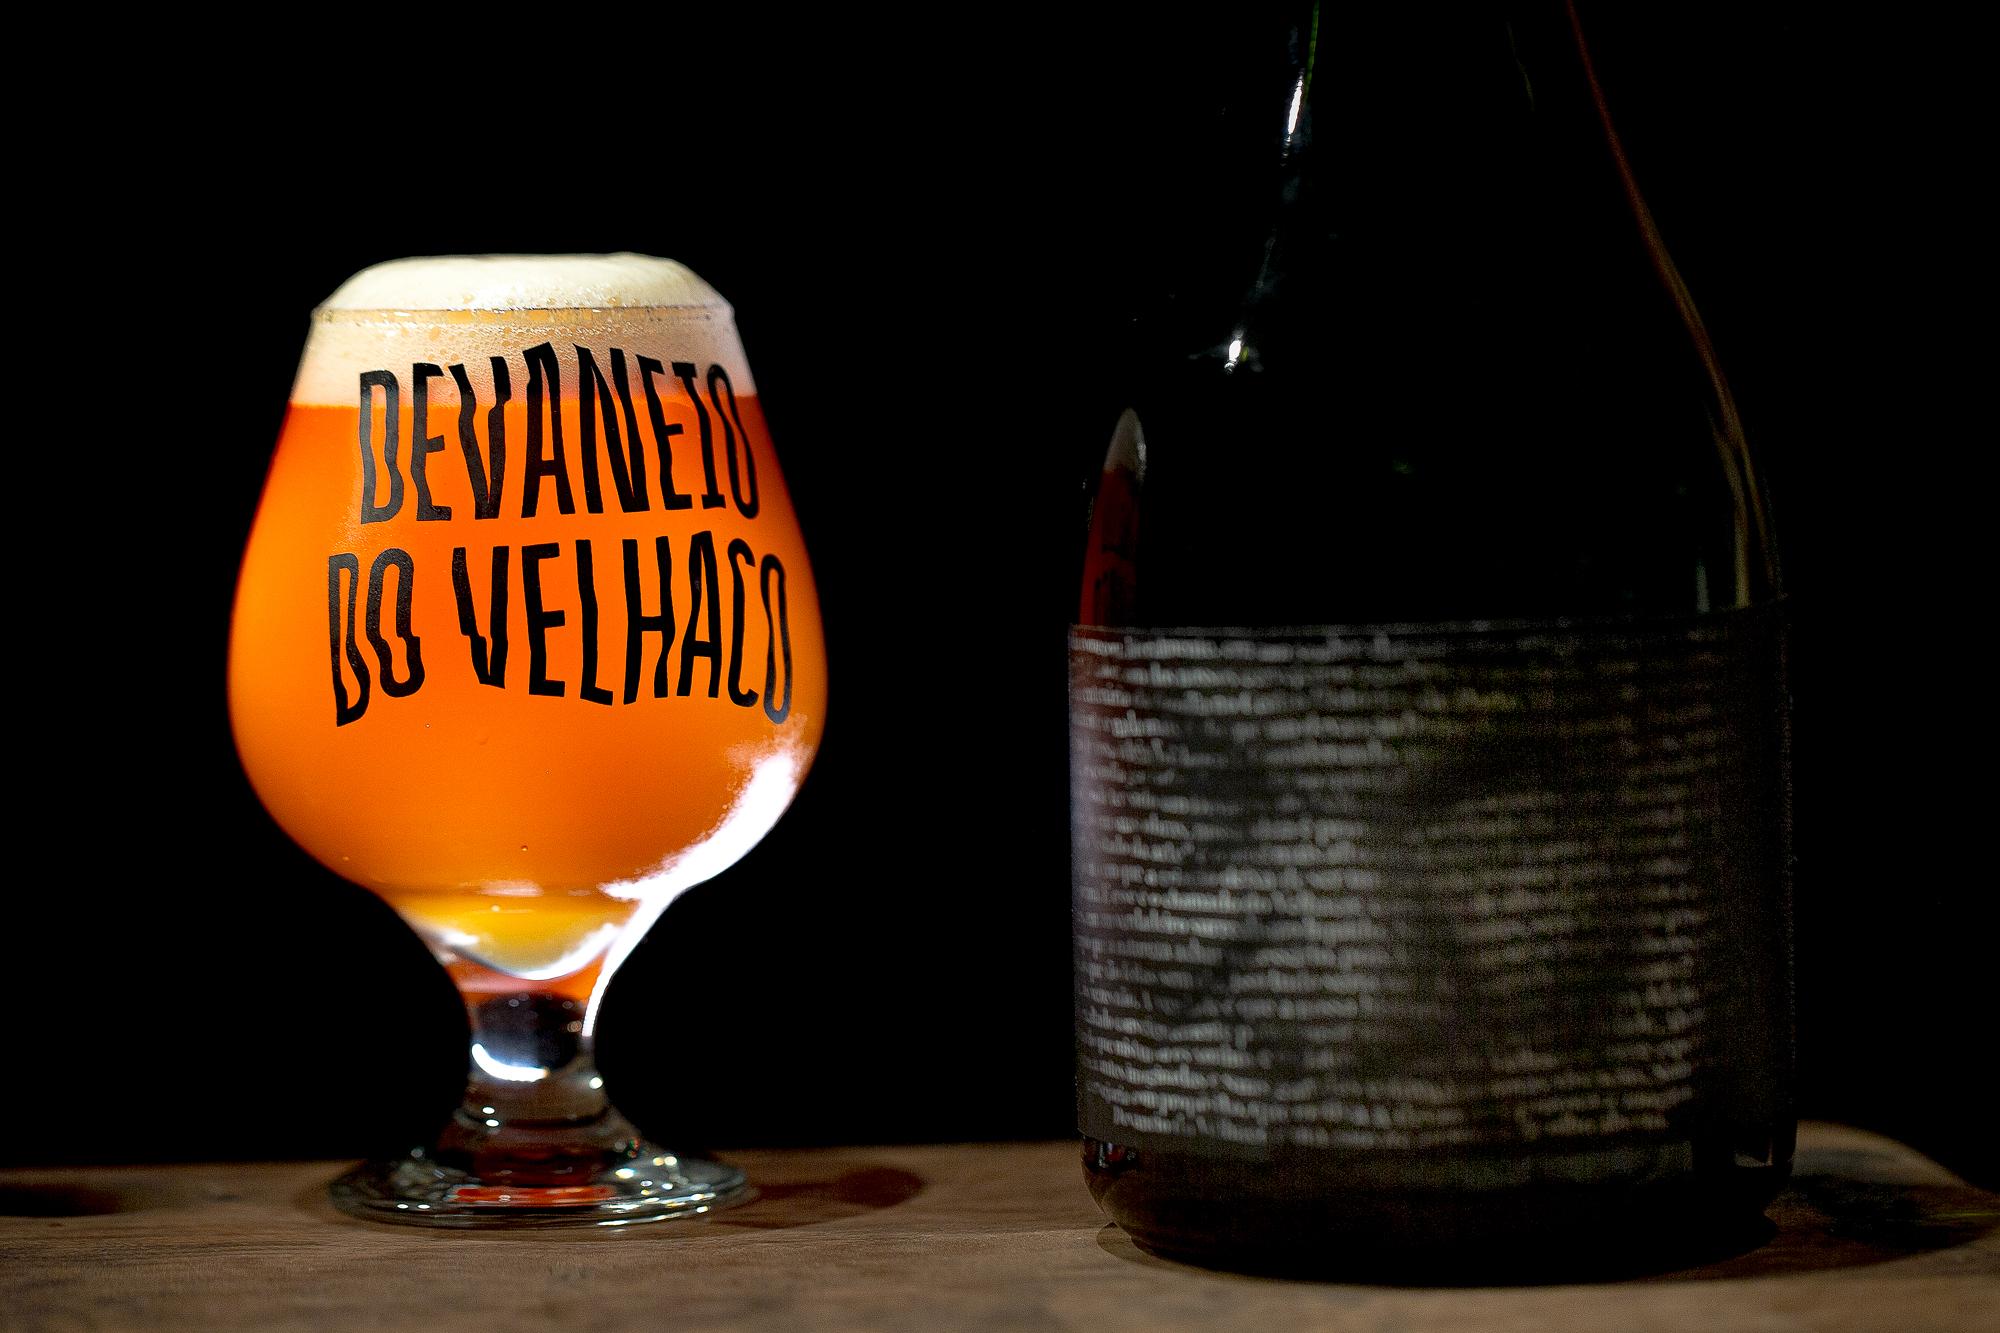 StudioBah Plays with Typography to Create Devaneio do Velhaco's Label